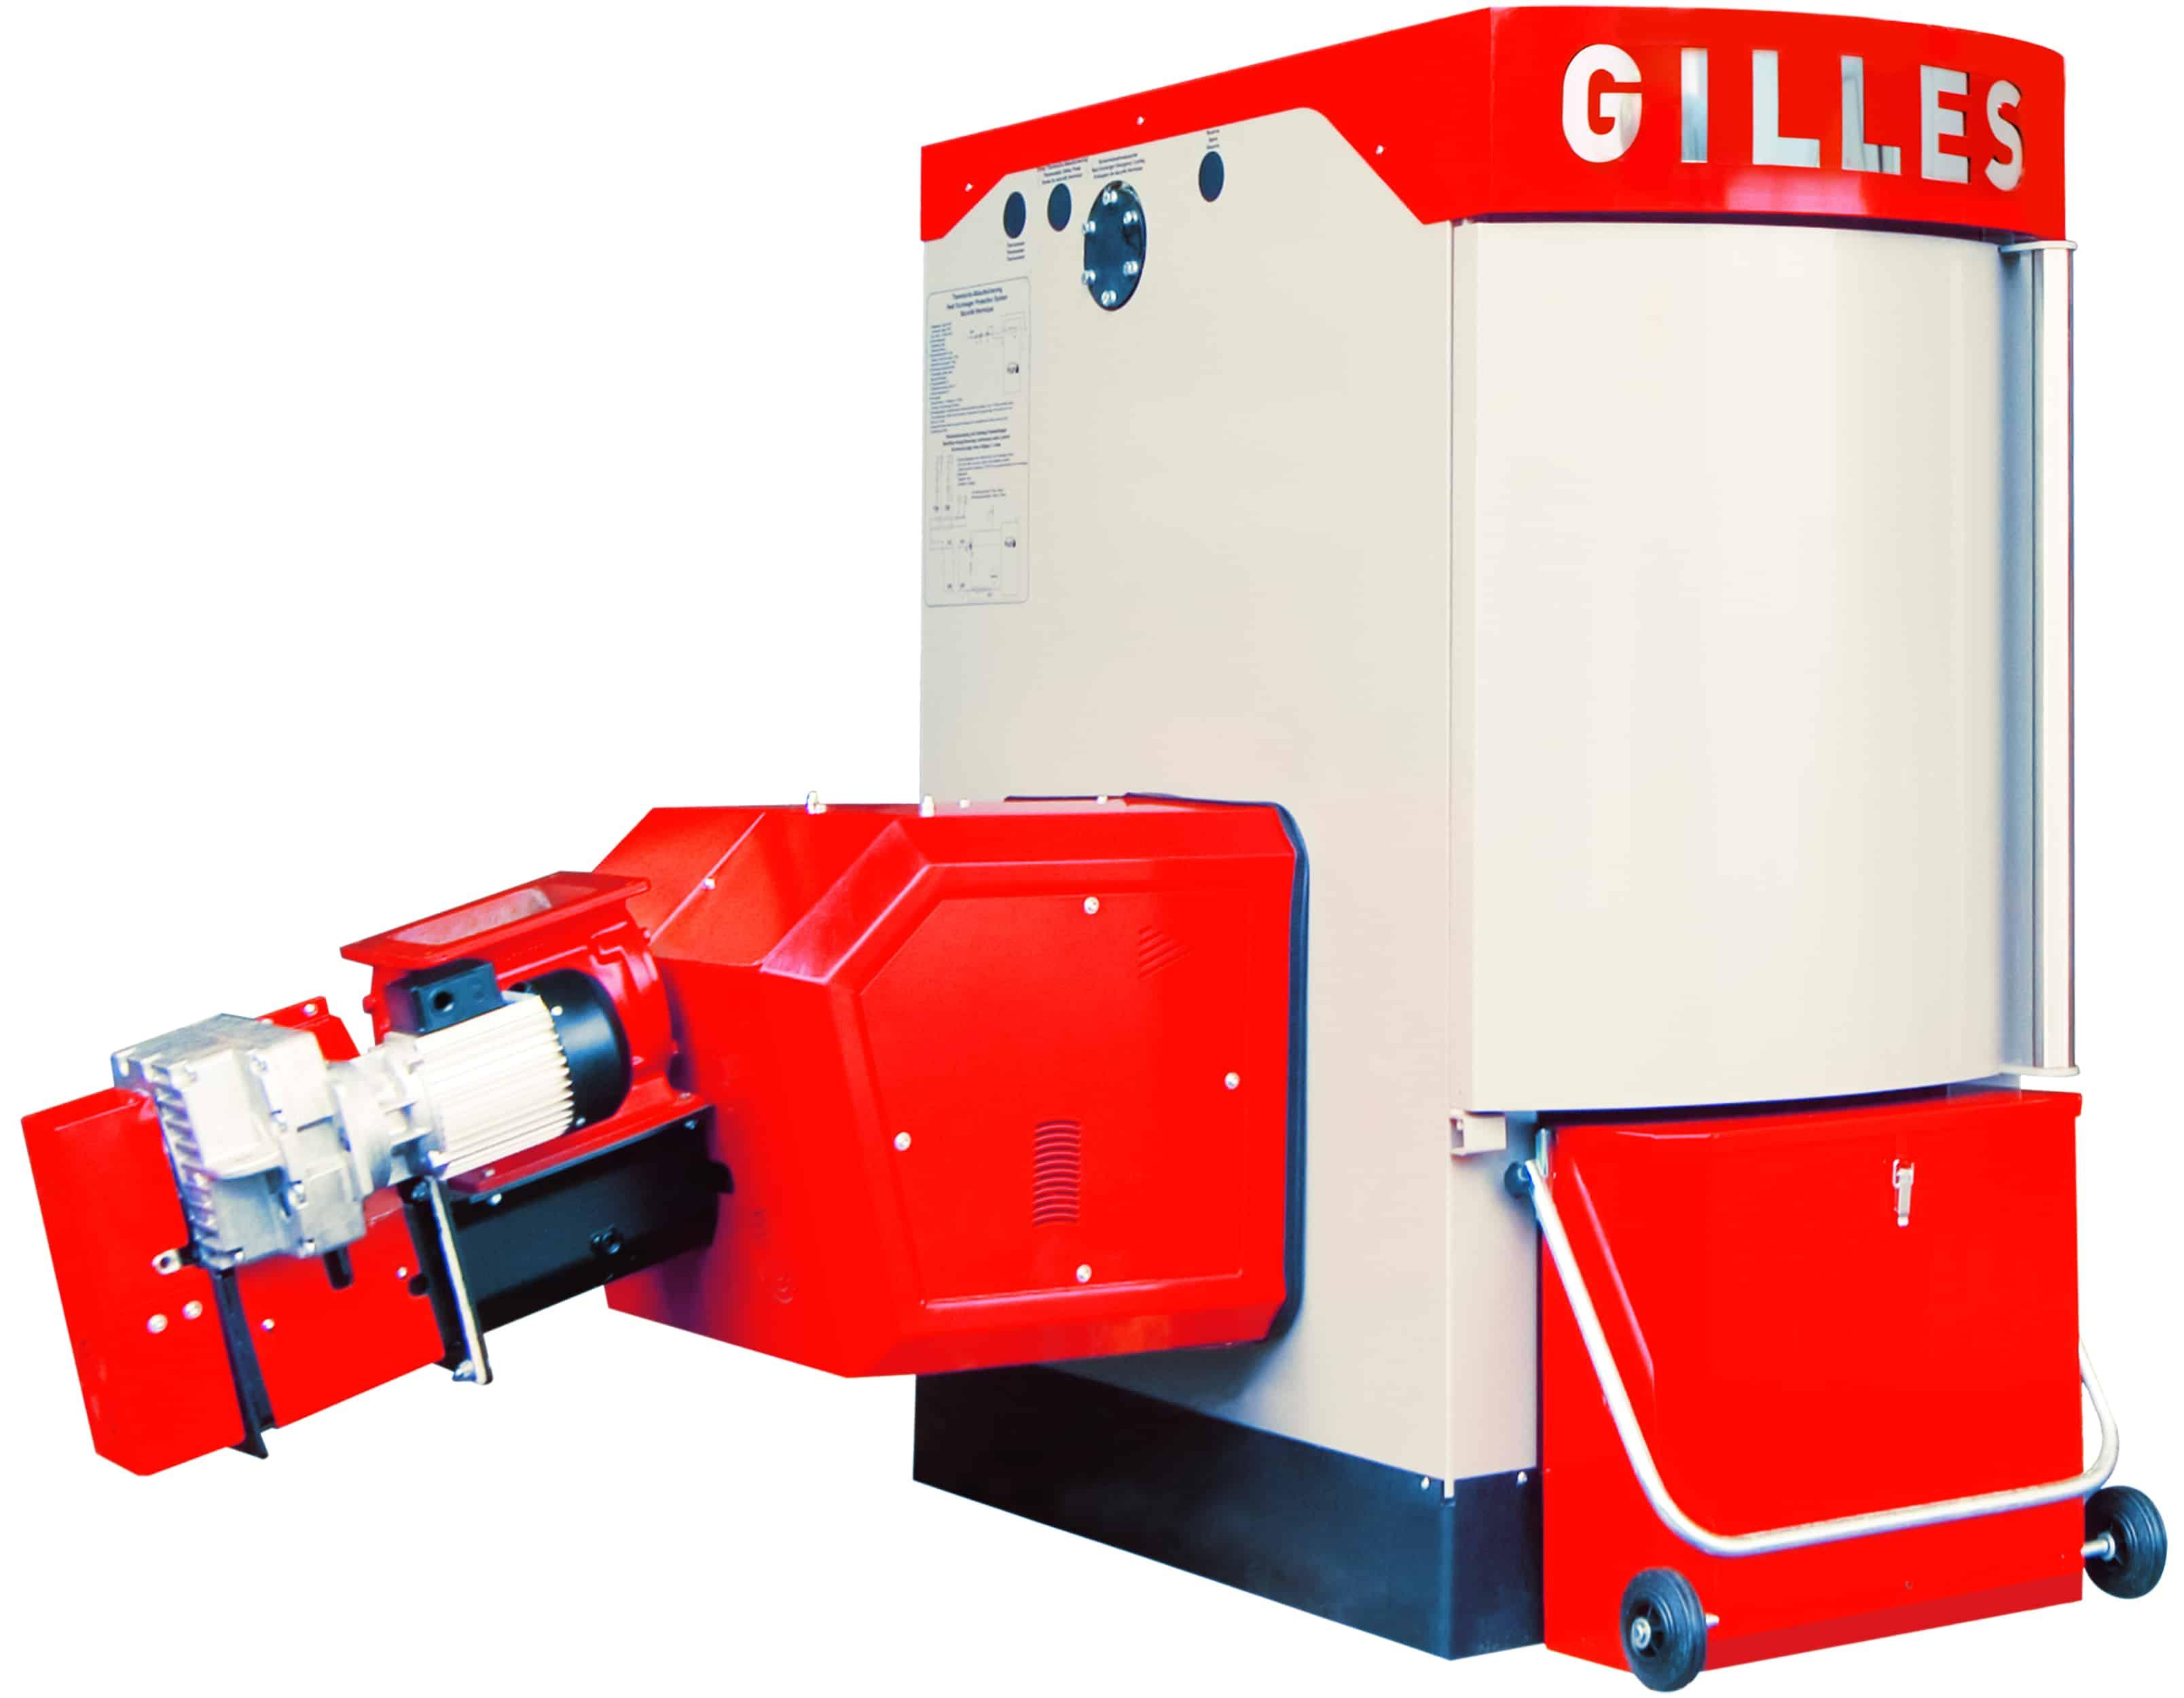 Gilles Wood Chip Boiler